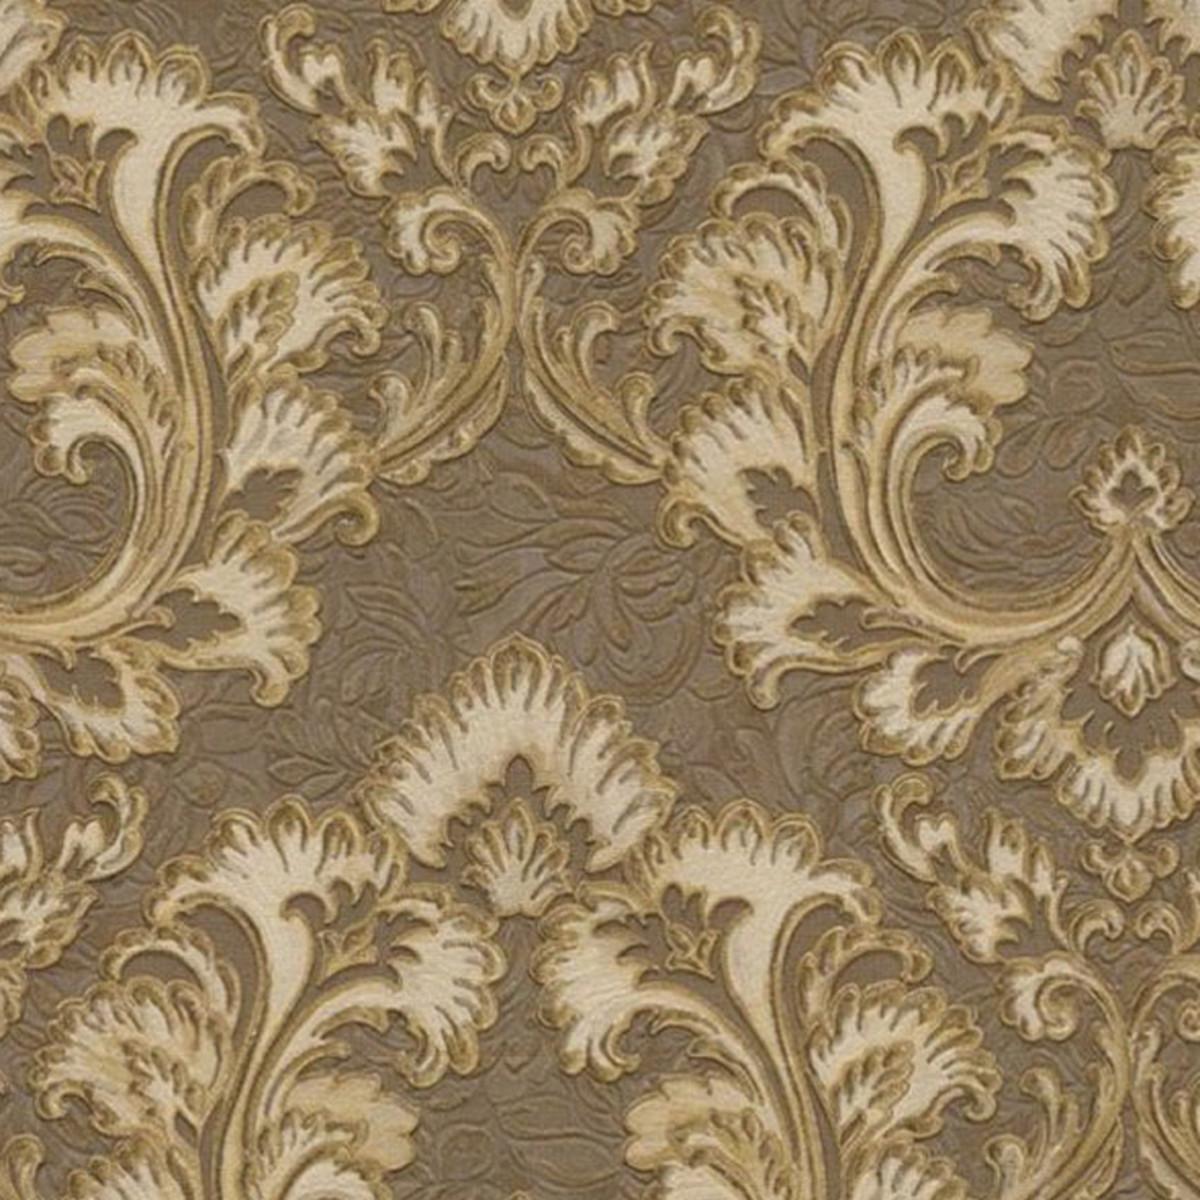 Обои флизелиновые Decori-Decori Amata коричневые 1.06 м 81933